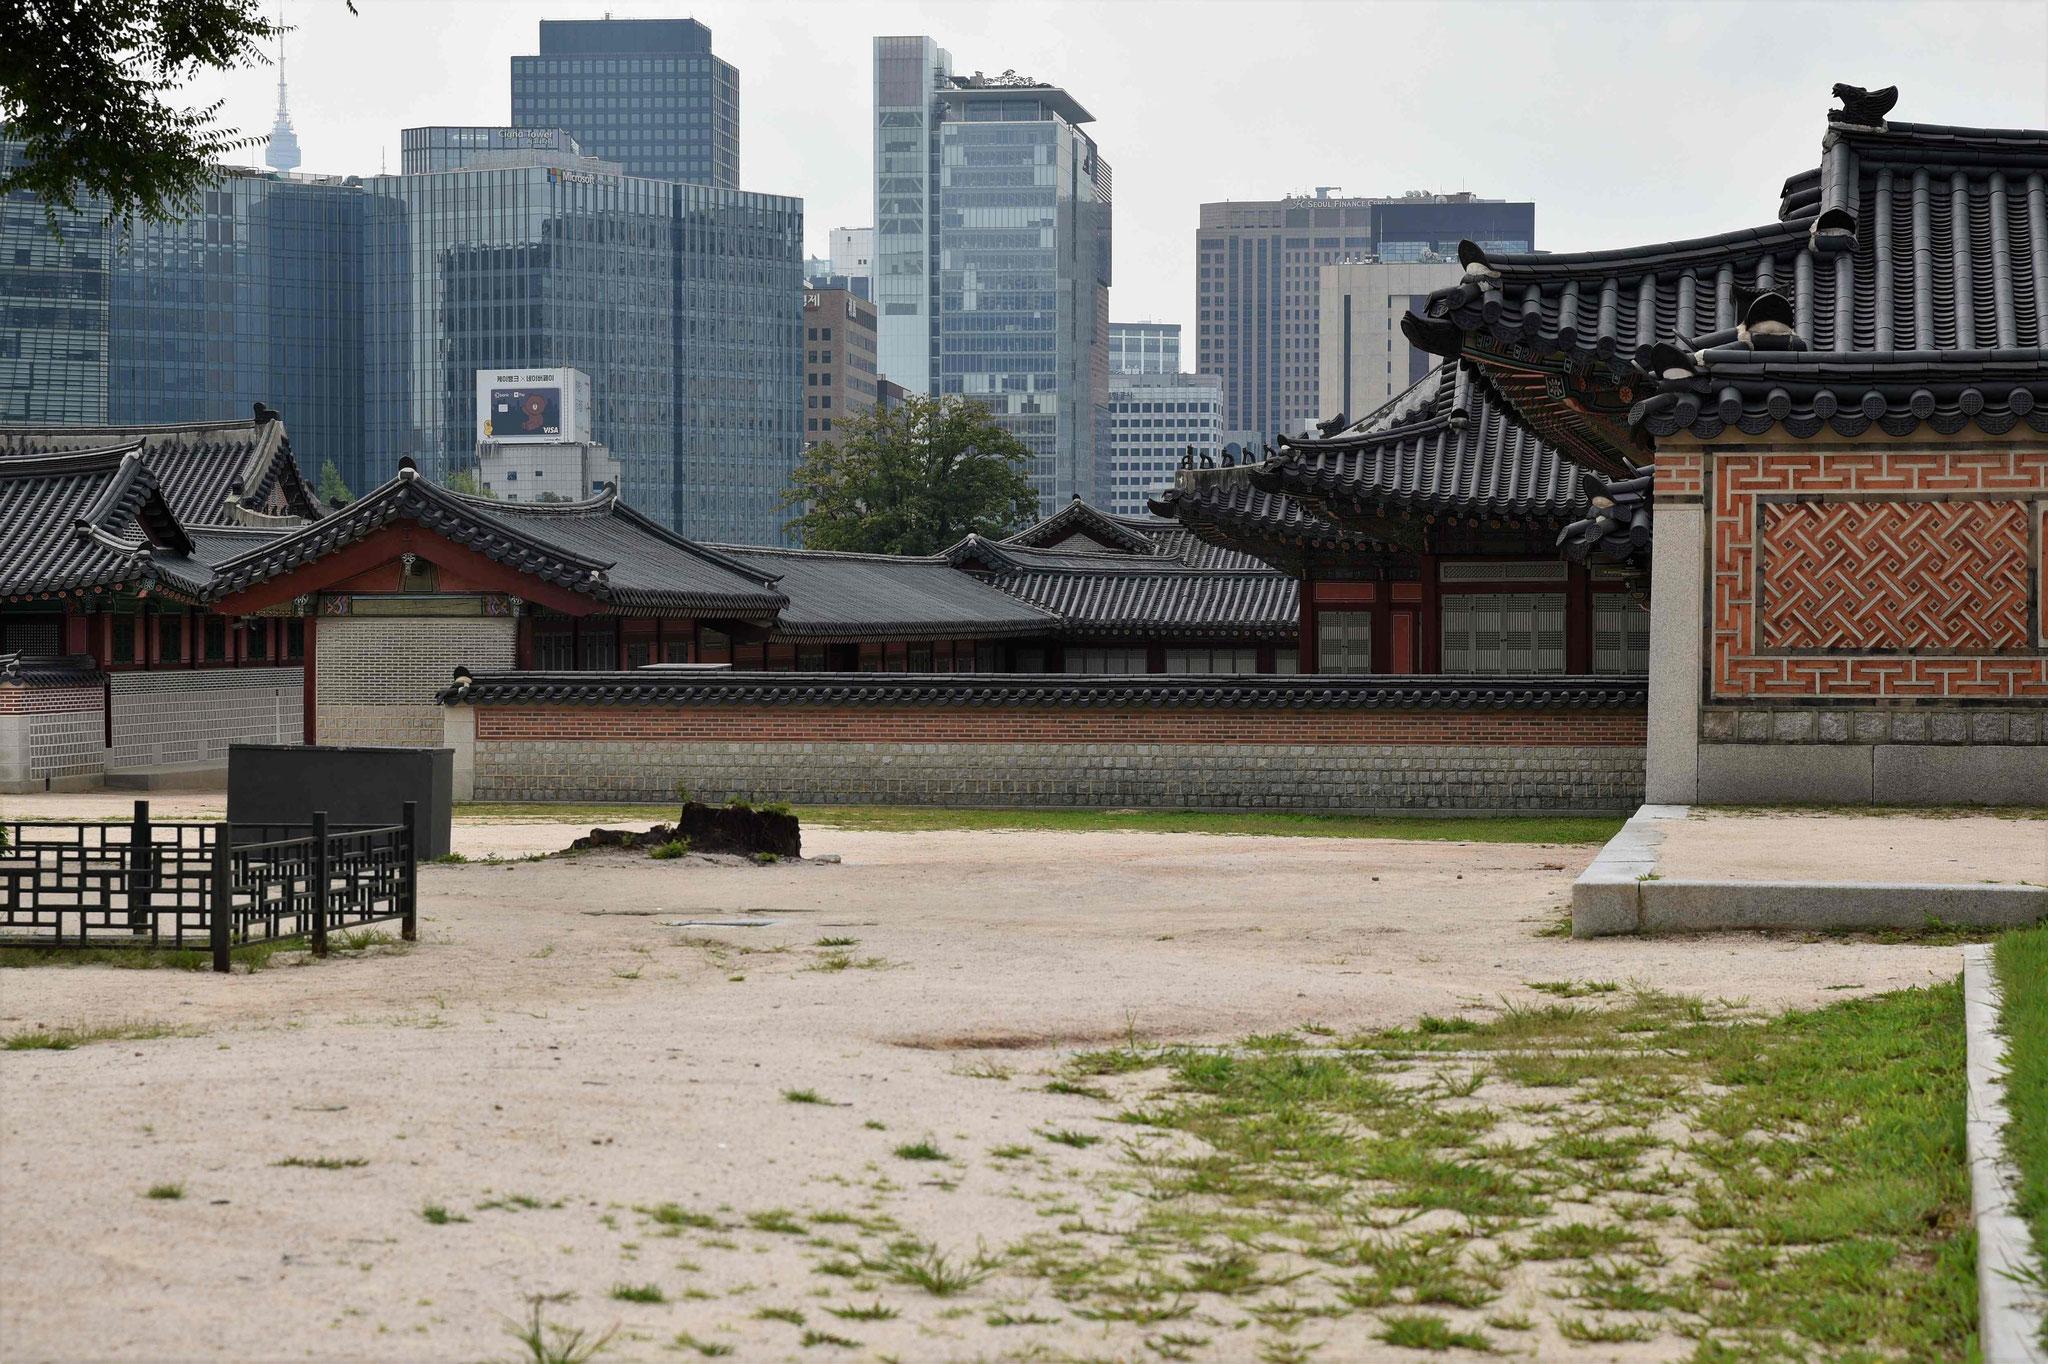 Trotz der immensen Größe sieht man einige Hochhäuser Seouls